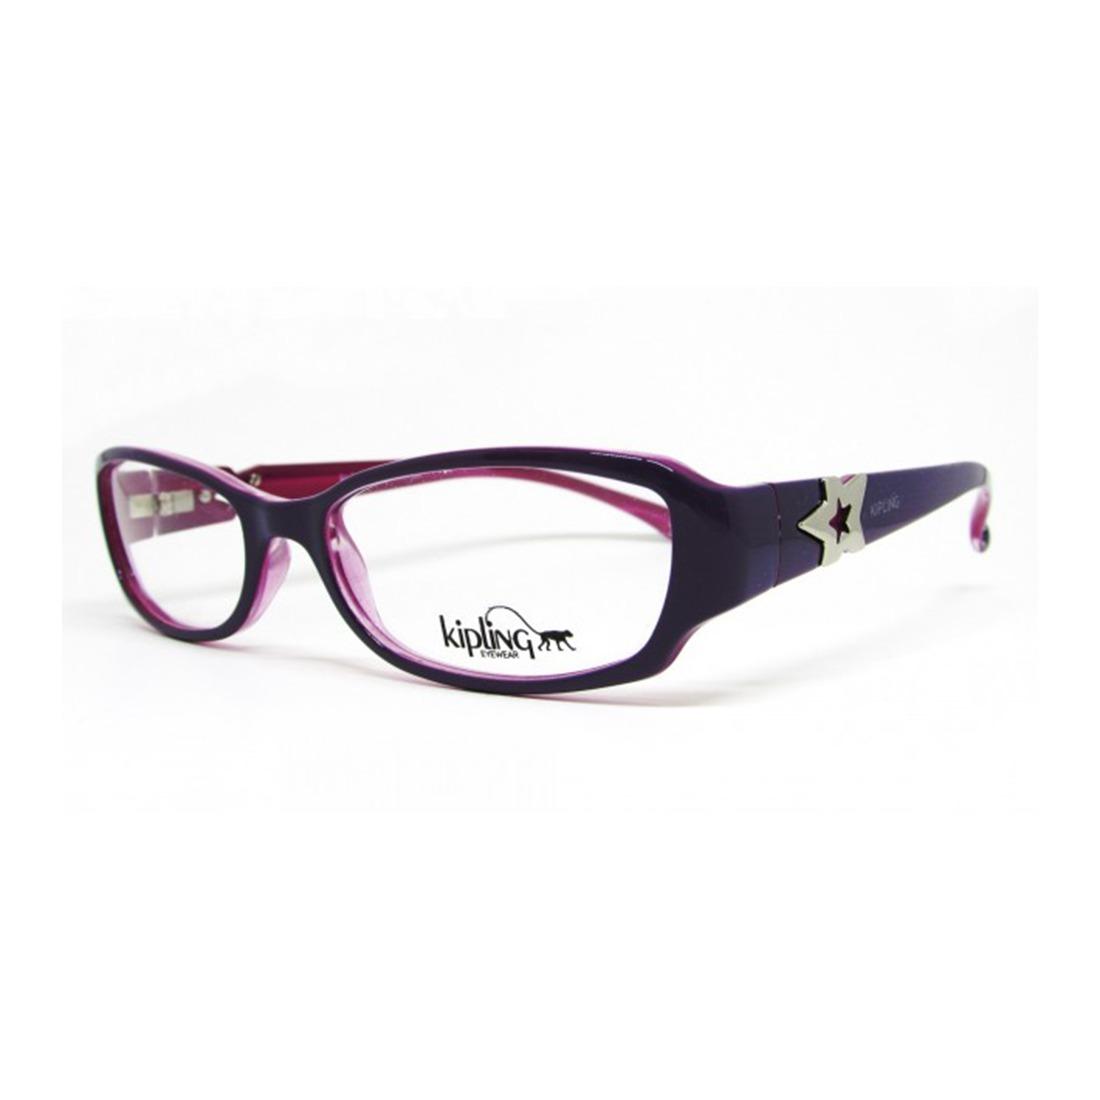 eedd646d6 Kipling Kp 3044 Óculos De Grau - R$ 204,75 em Mercado Livre